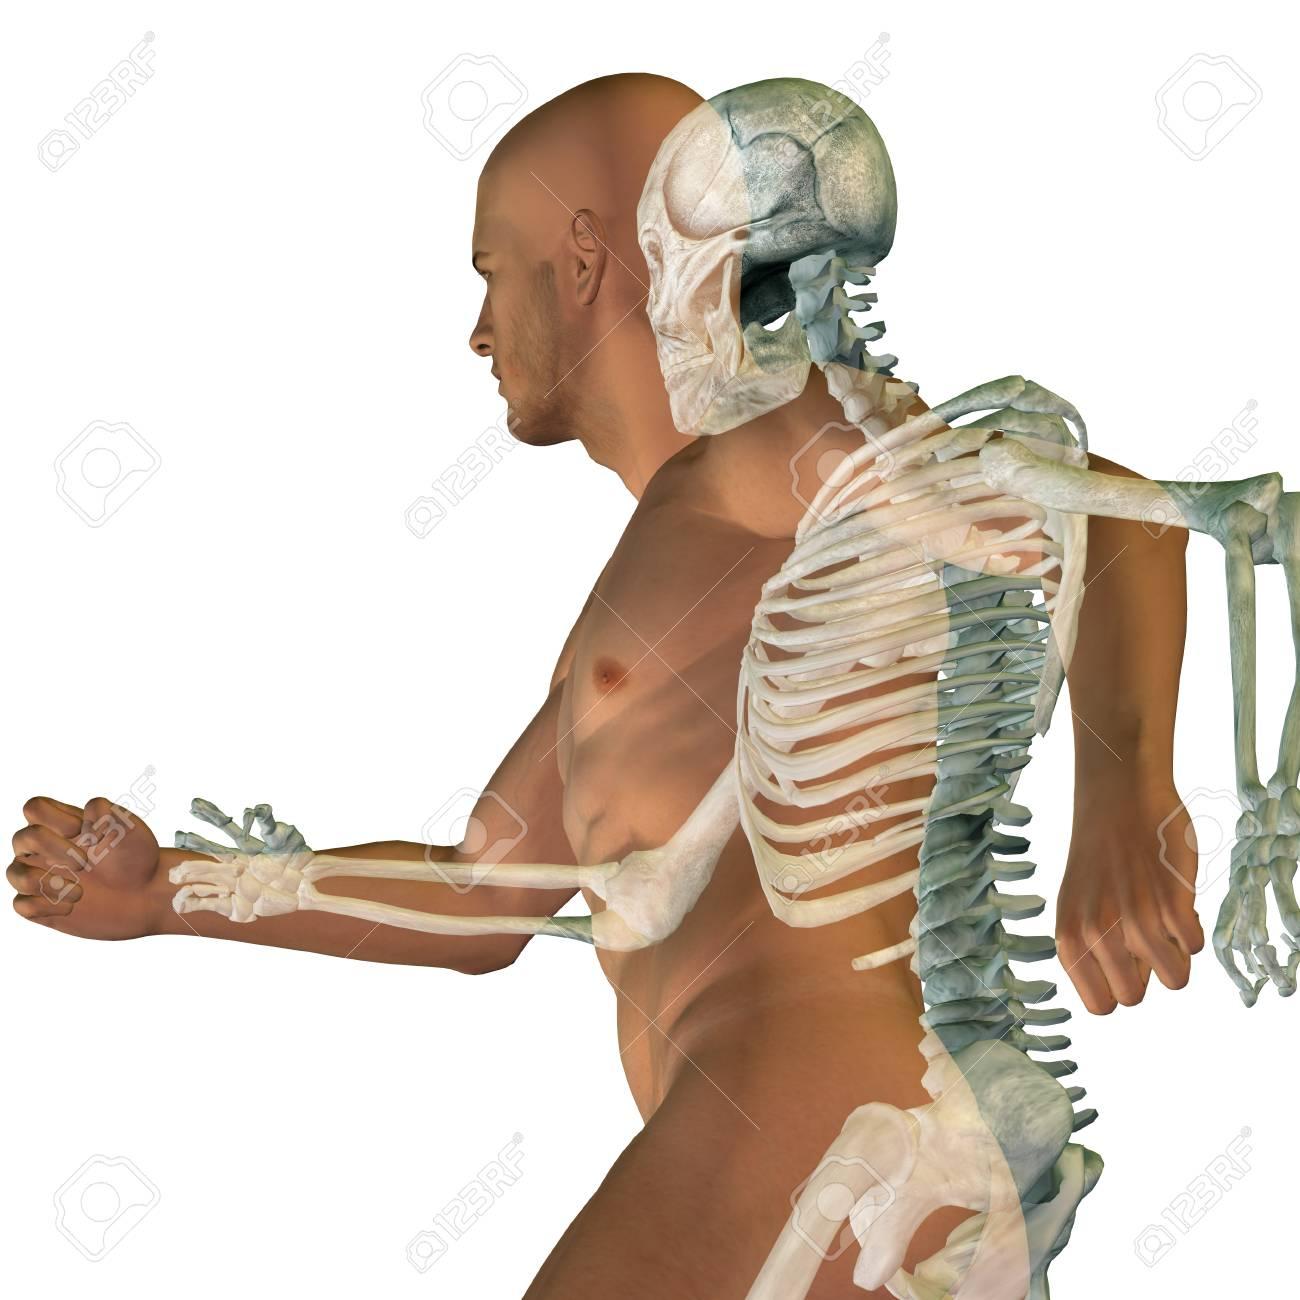 Konzeptionelle Anatomie Menschliche Körper Auf Hintergrund ...